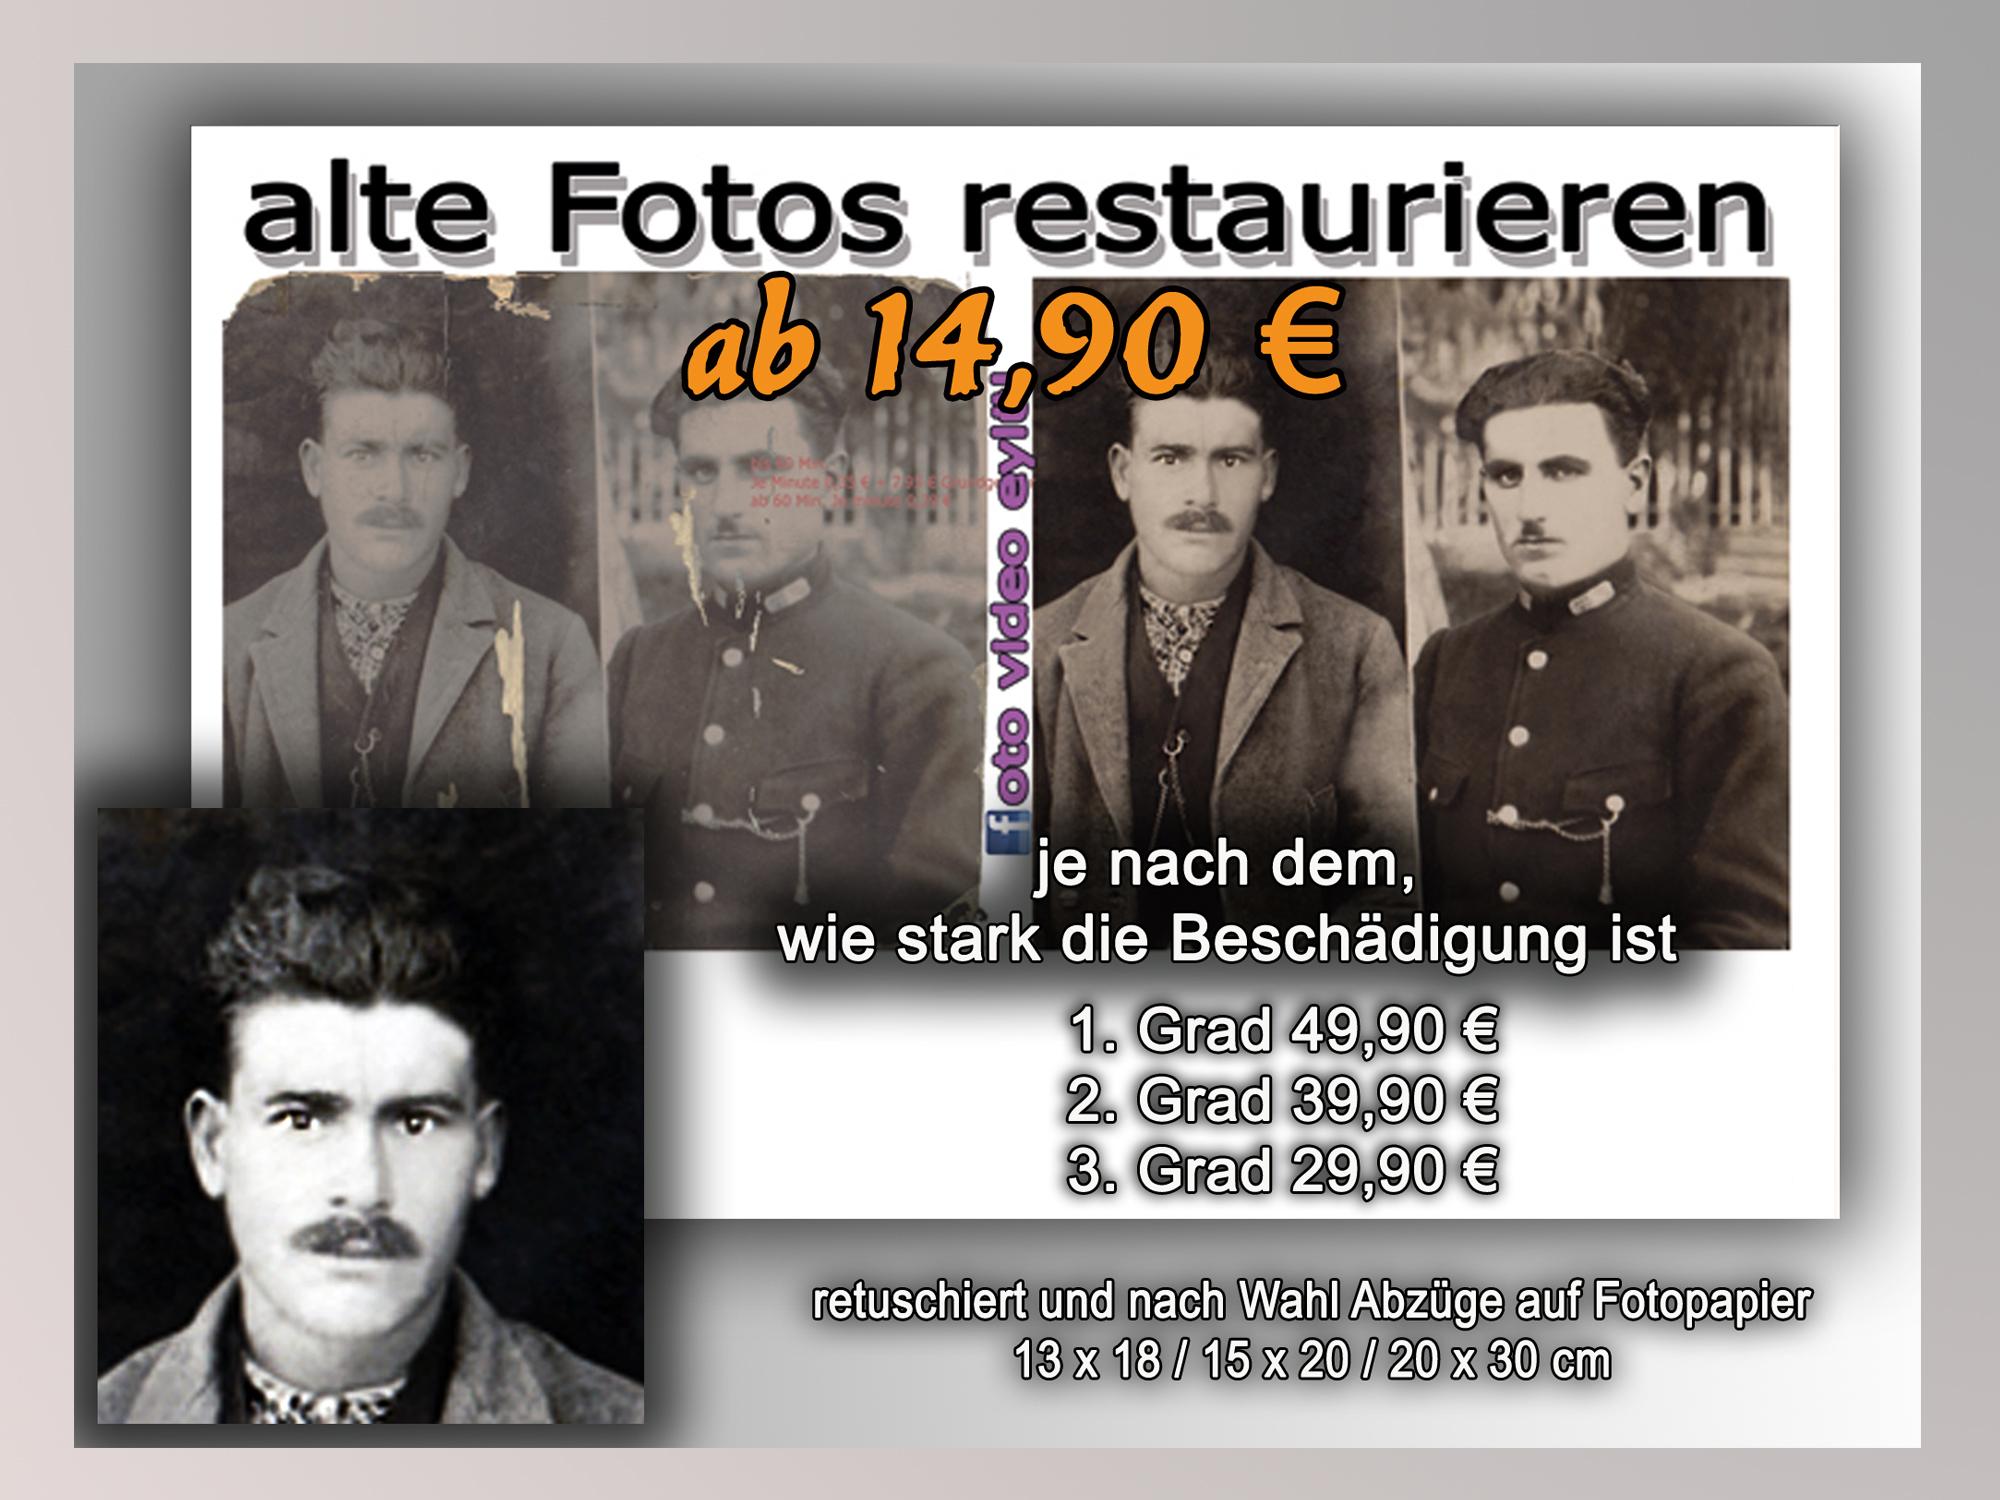 Fotorestaurierung